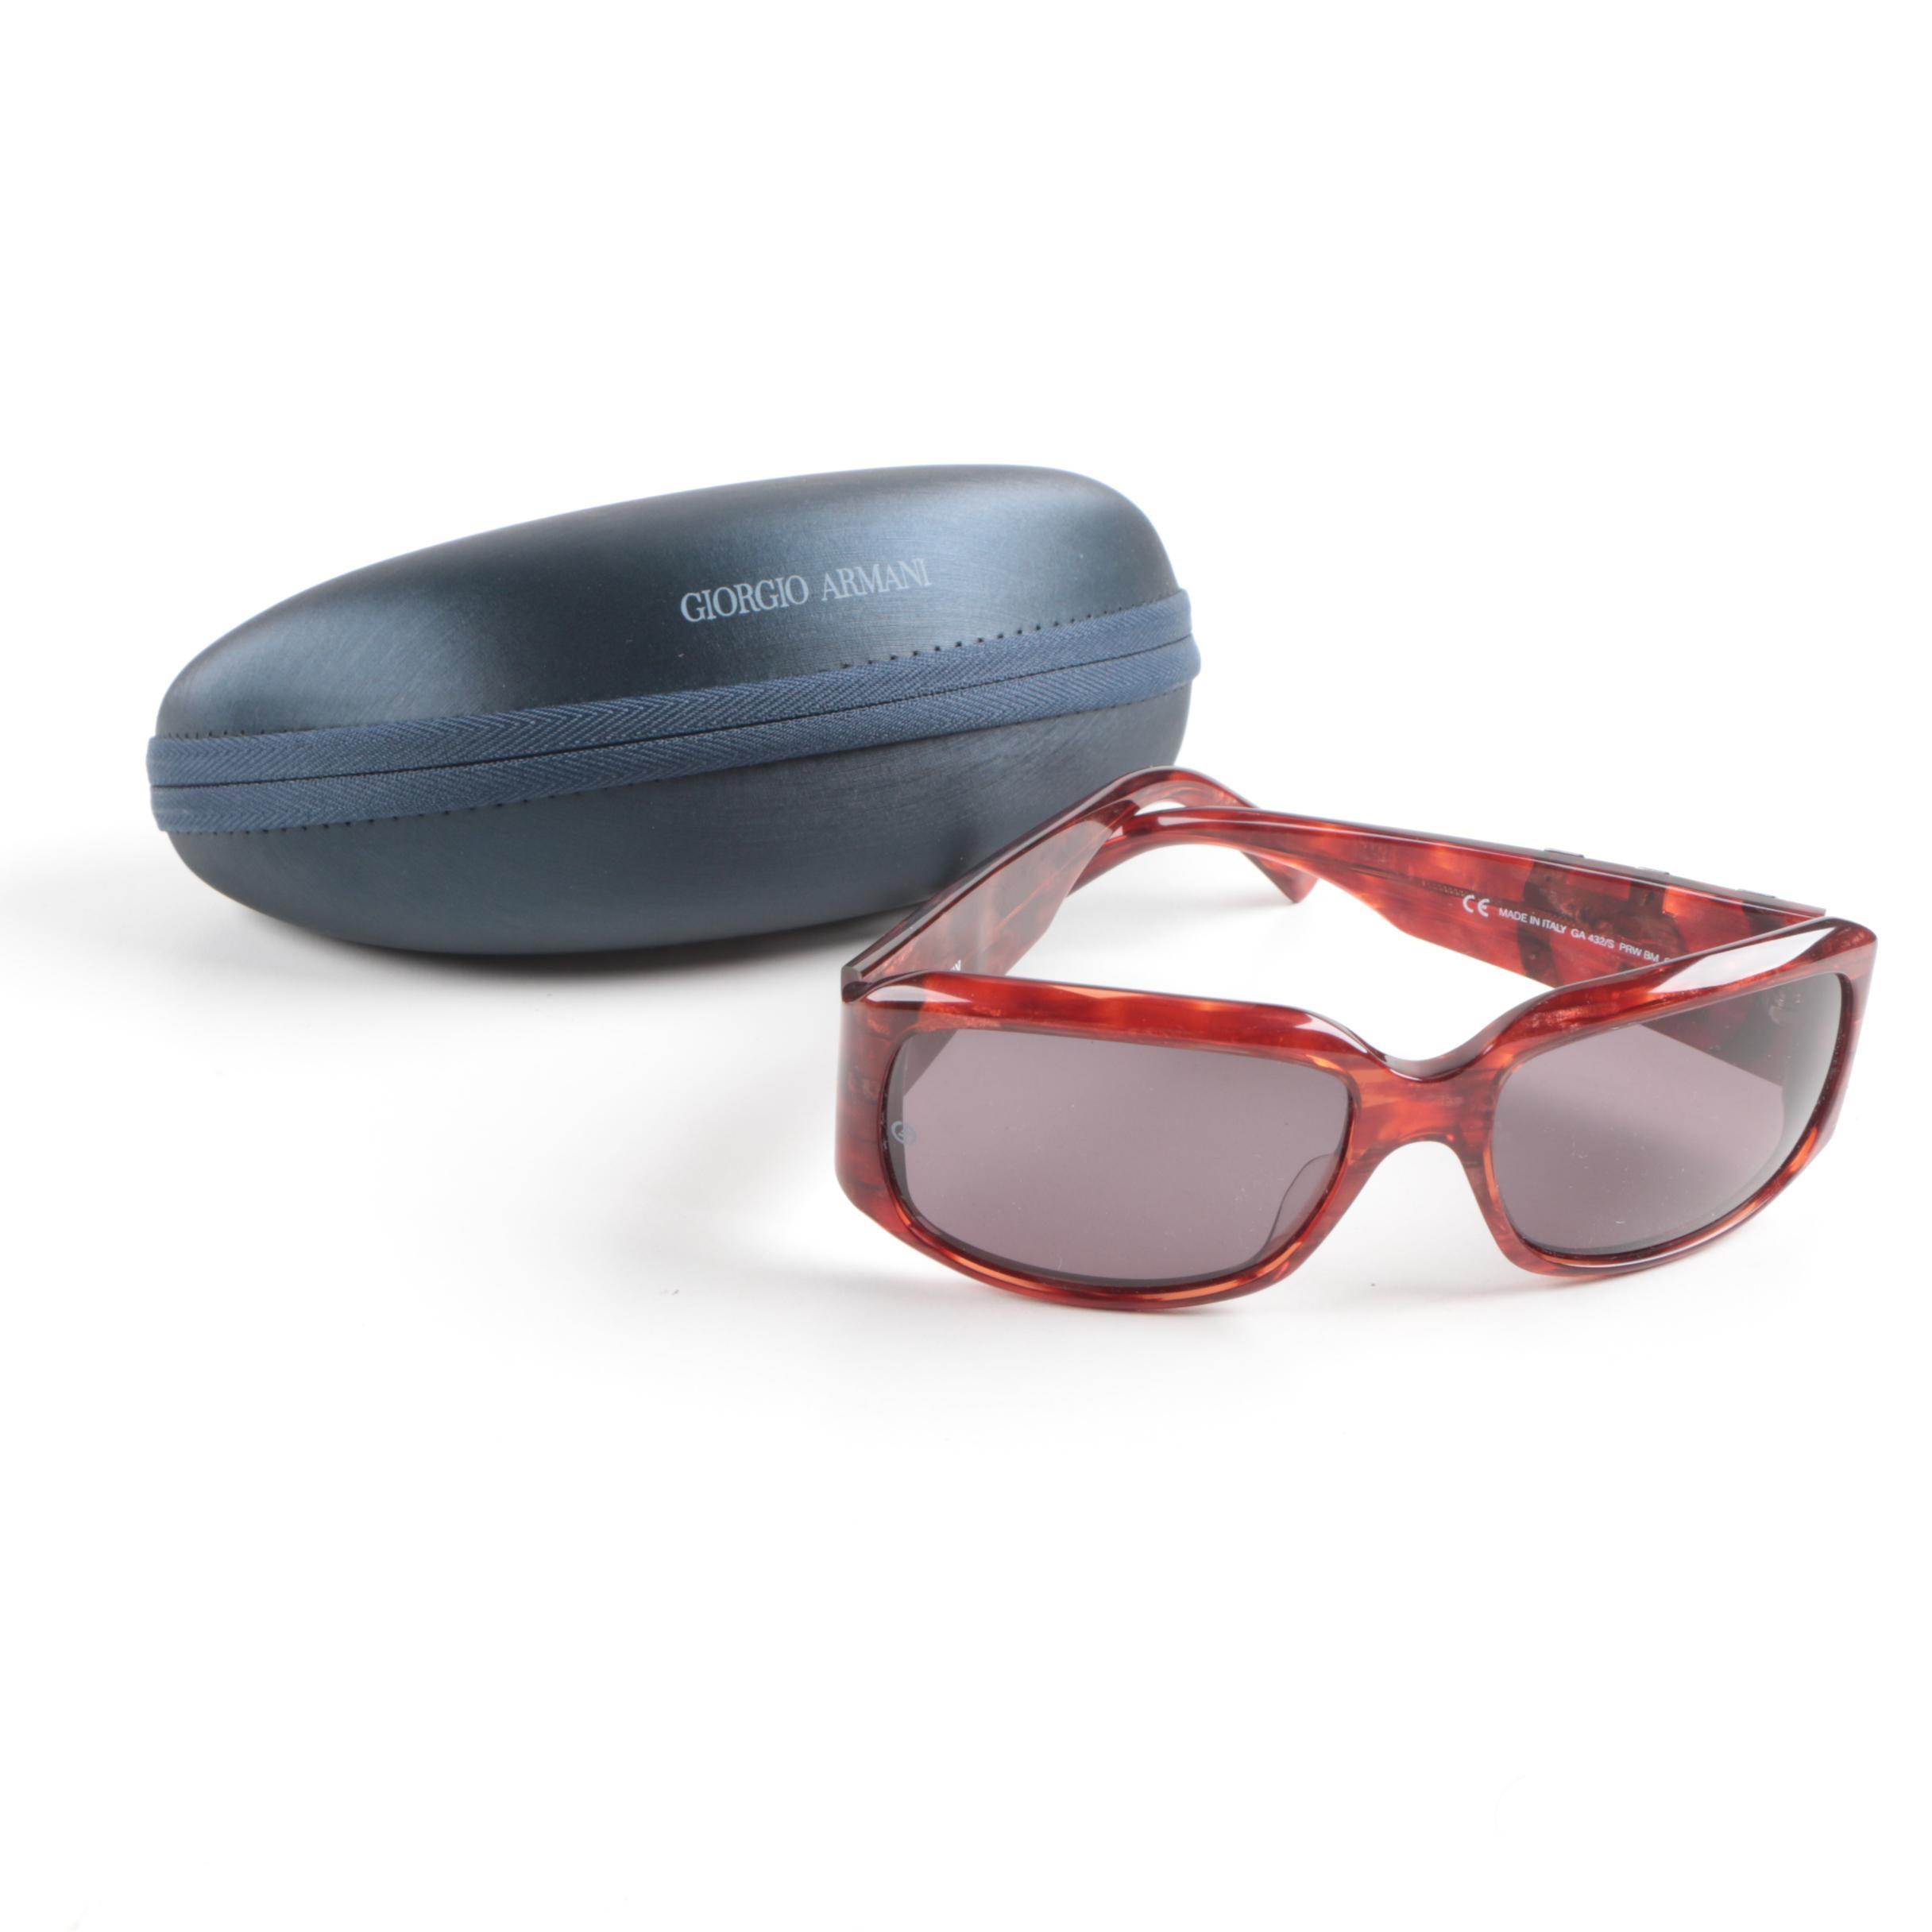 Women's Giorgio Armani 432/S Sunglasses with Case